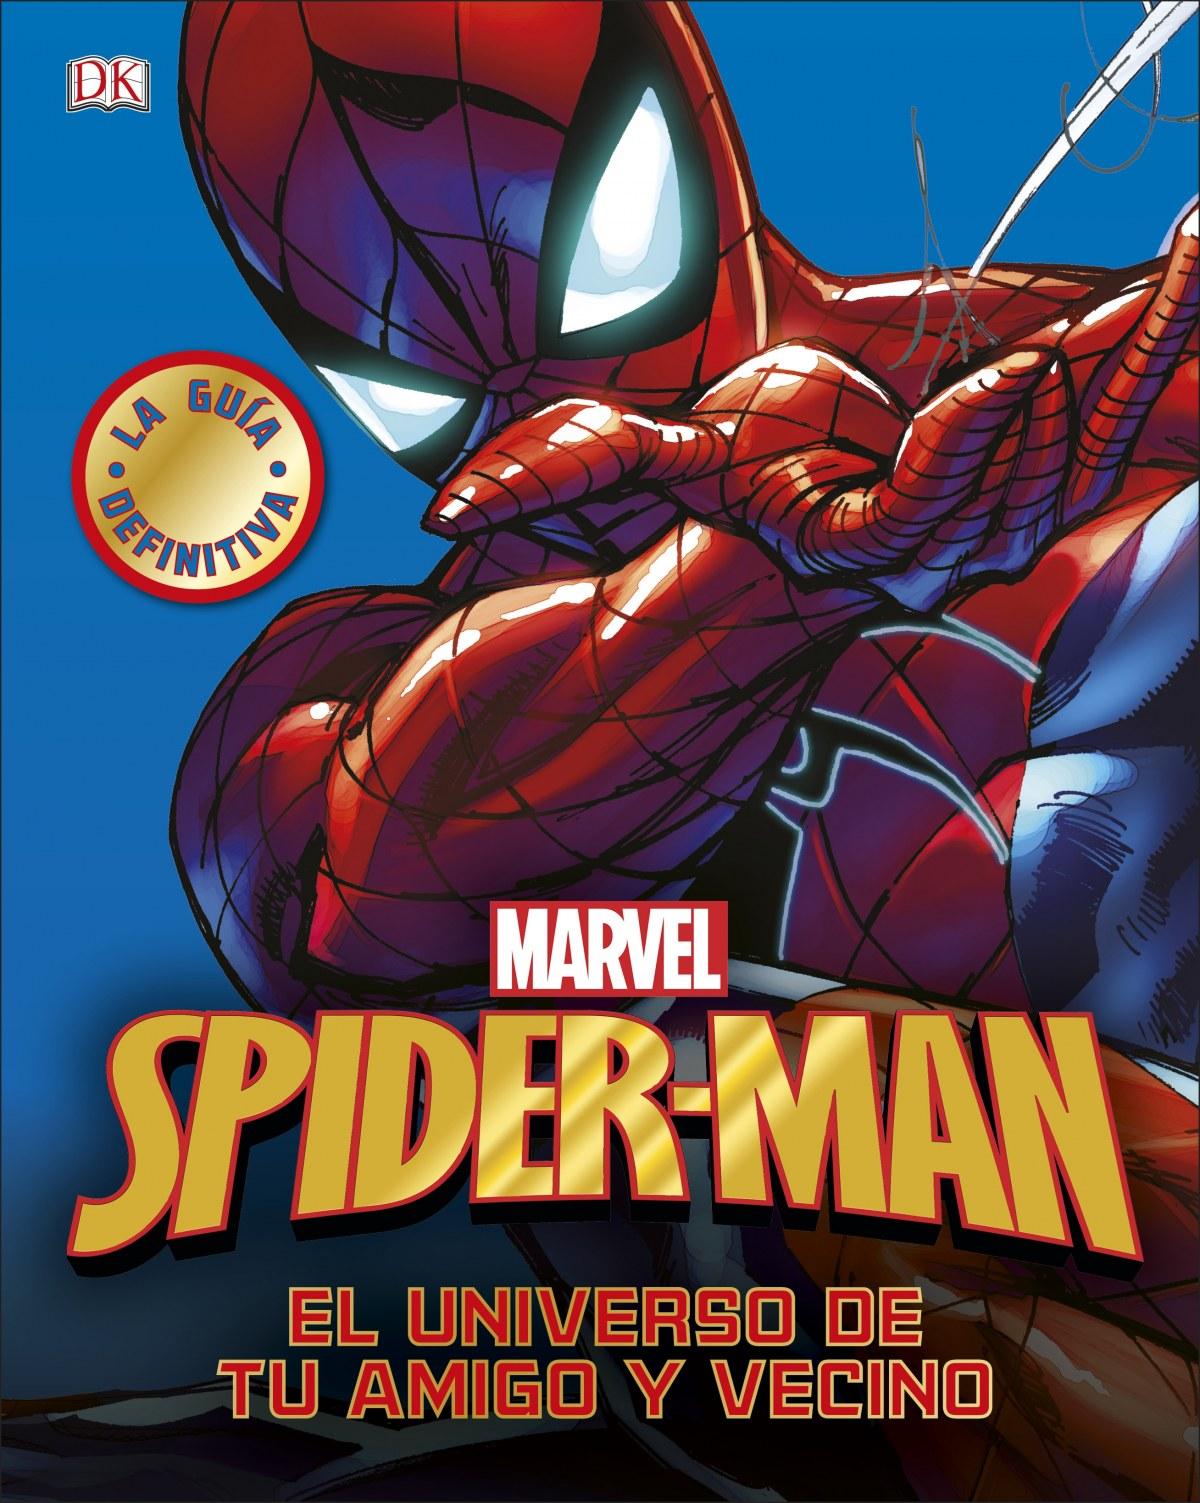 SPIDER-MAN 9780241320594